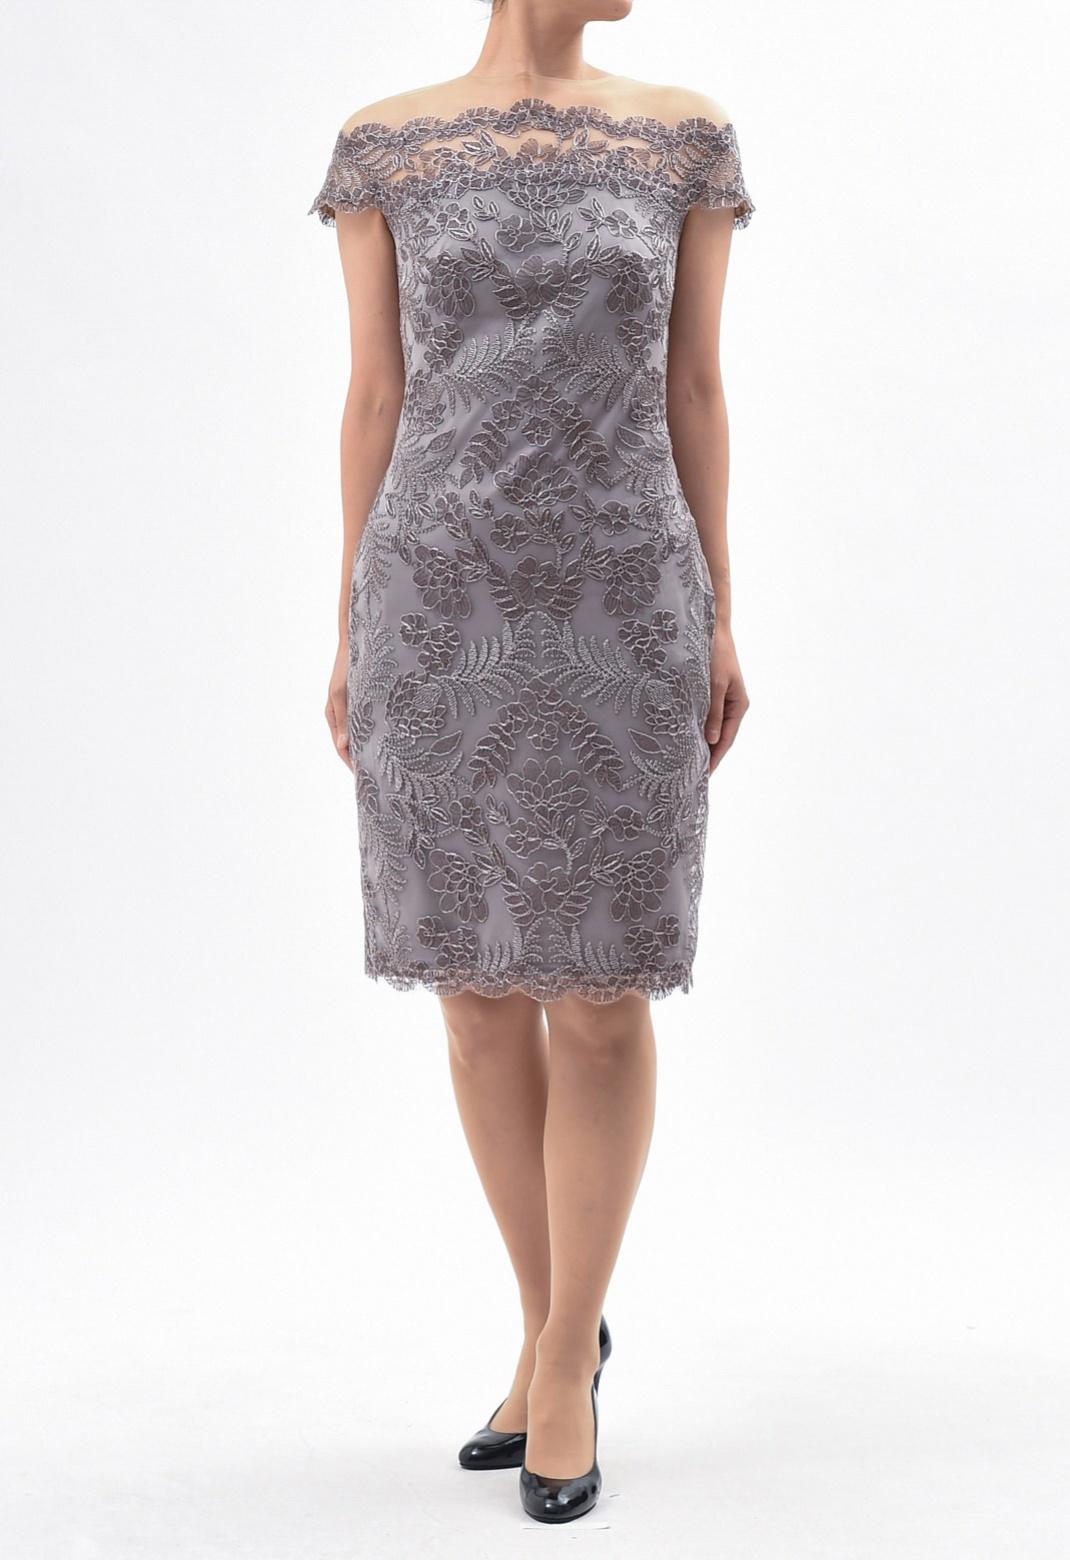 デコルテチュール 総刺繍 フレンチスリーブ ドレス